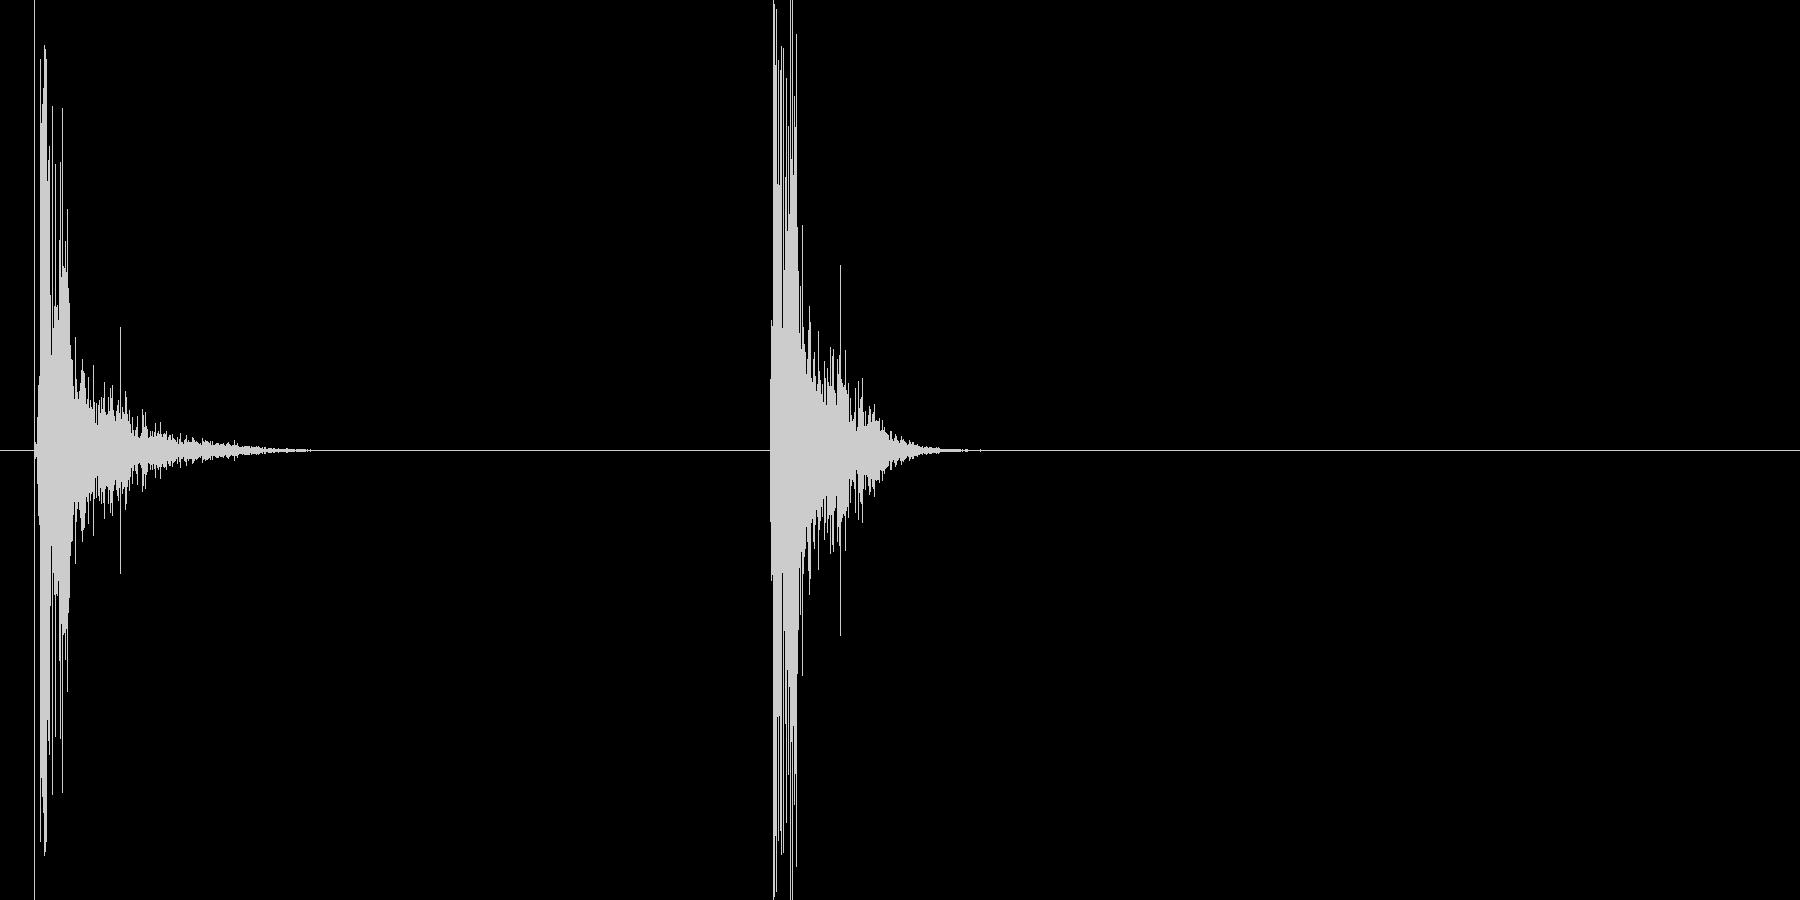 火花/スパーク音(パチッ)の未再生の波形